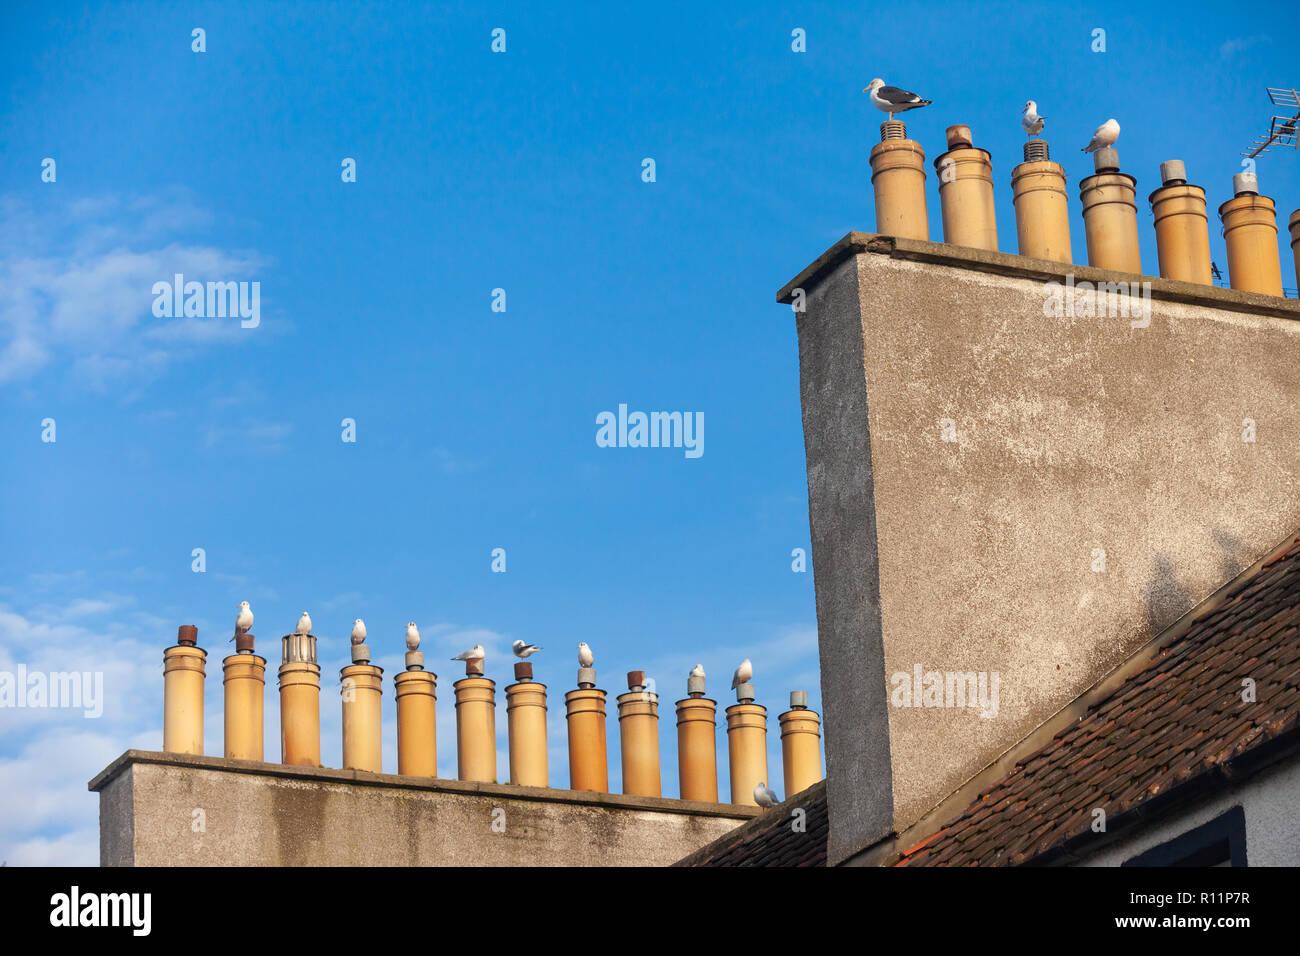 Mouettes assis sur des pots de cheminée contre un ciel bleu dans Cramond près d'Edimbourg en Ecosse Photo Stock